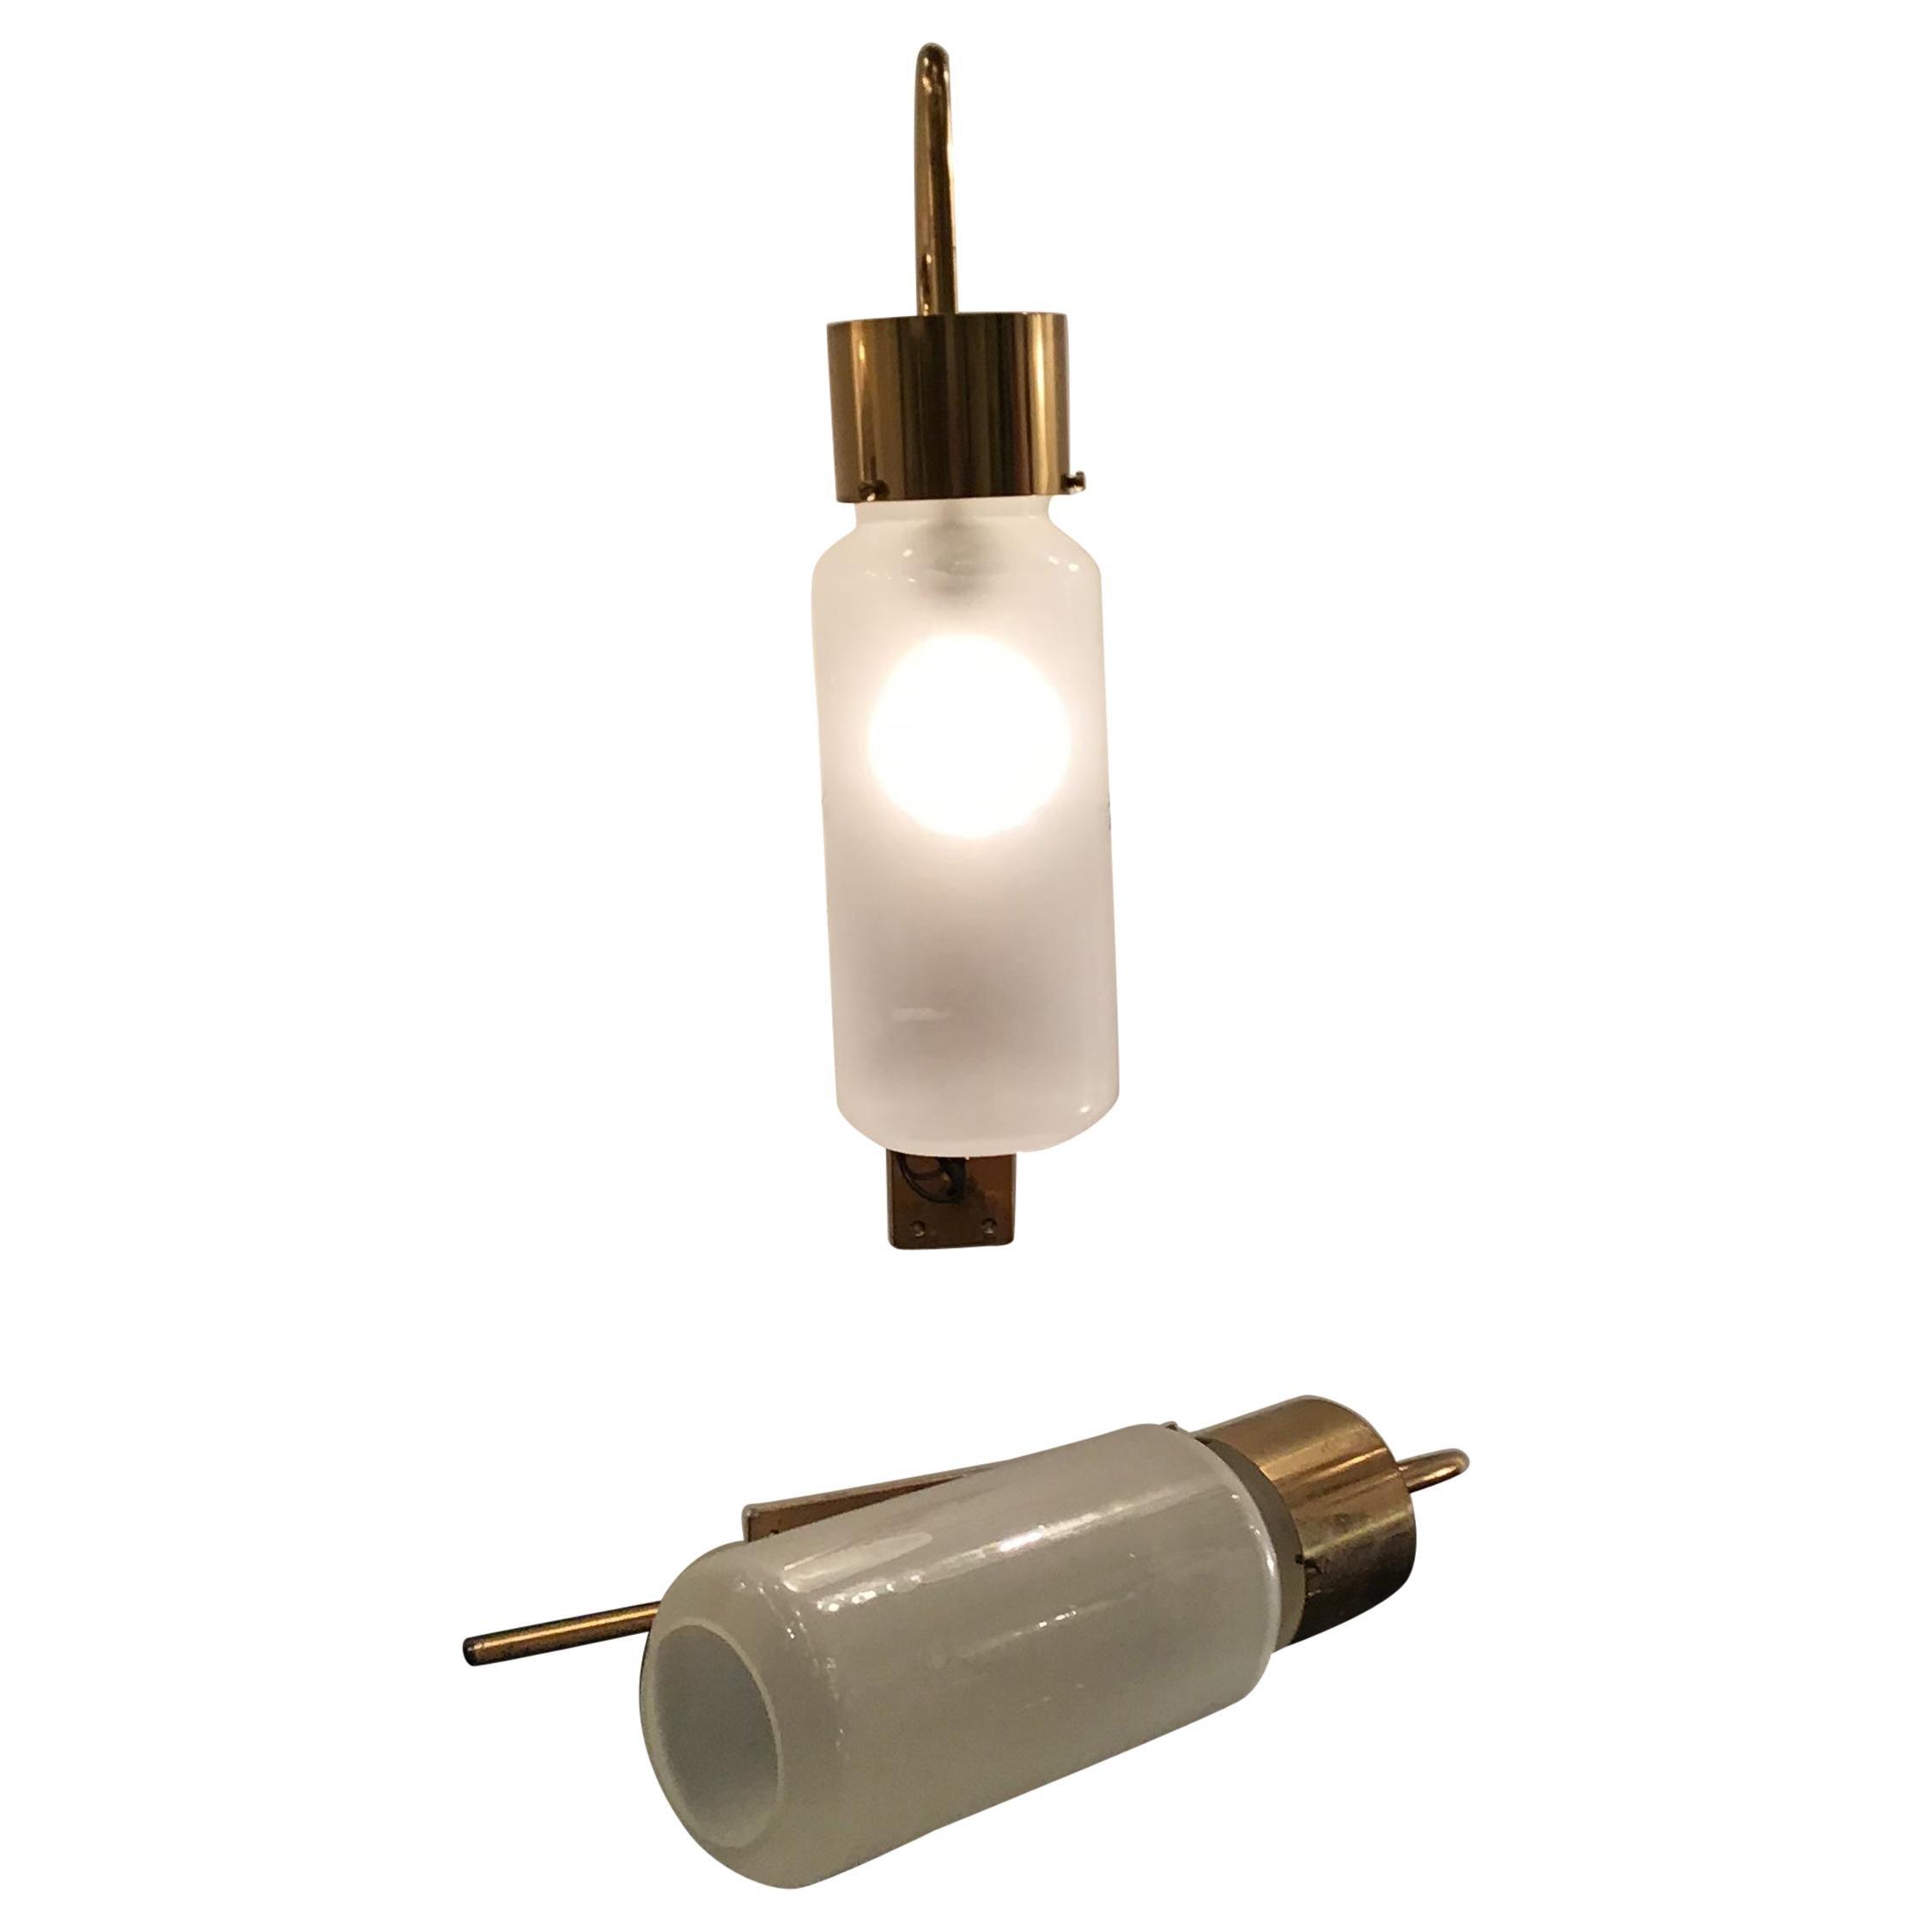 Azucena LP10 Luigi Caccia Dominioni Brass Glass, 1958, Italy